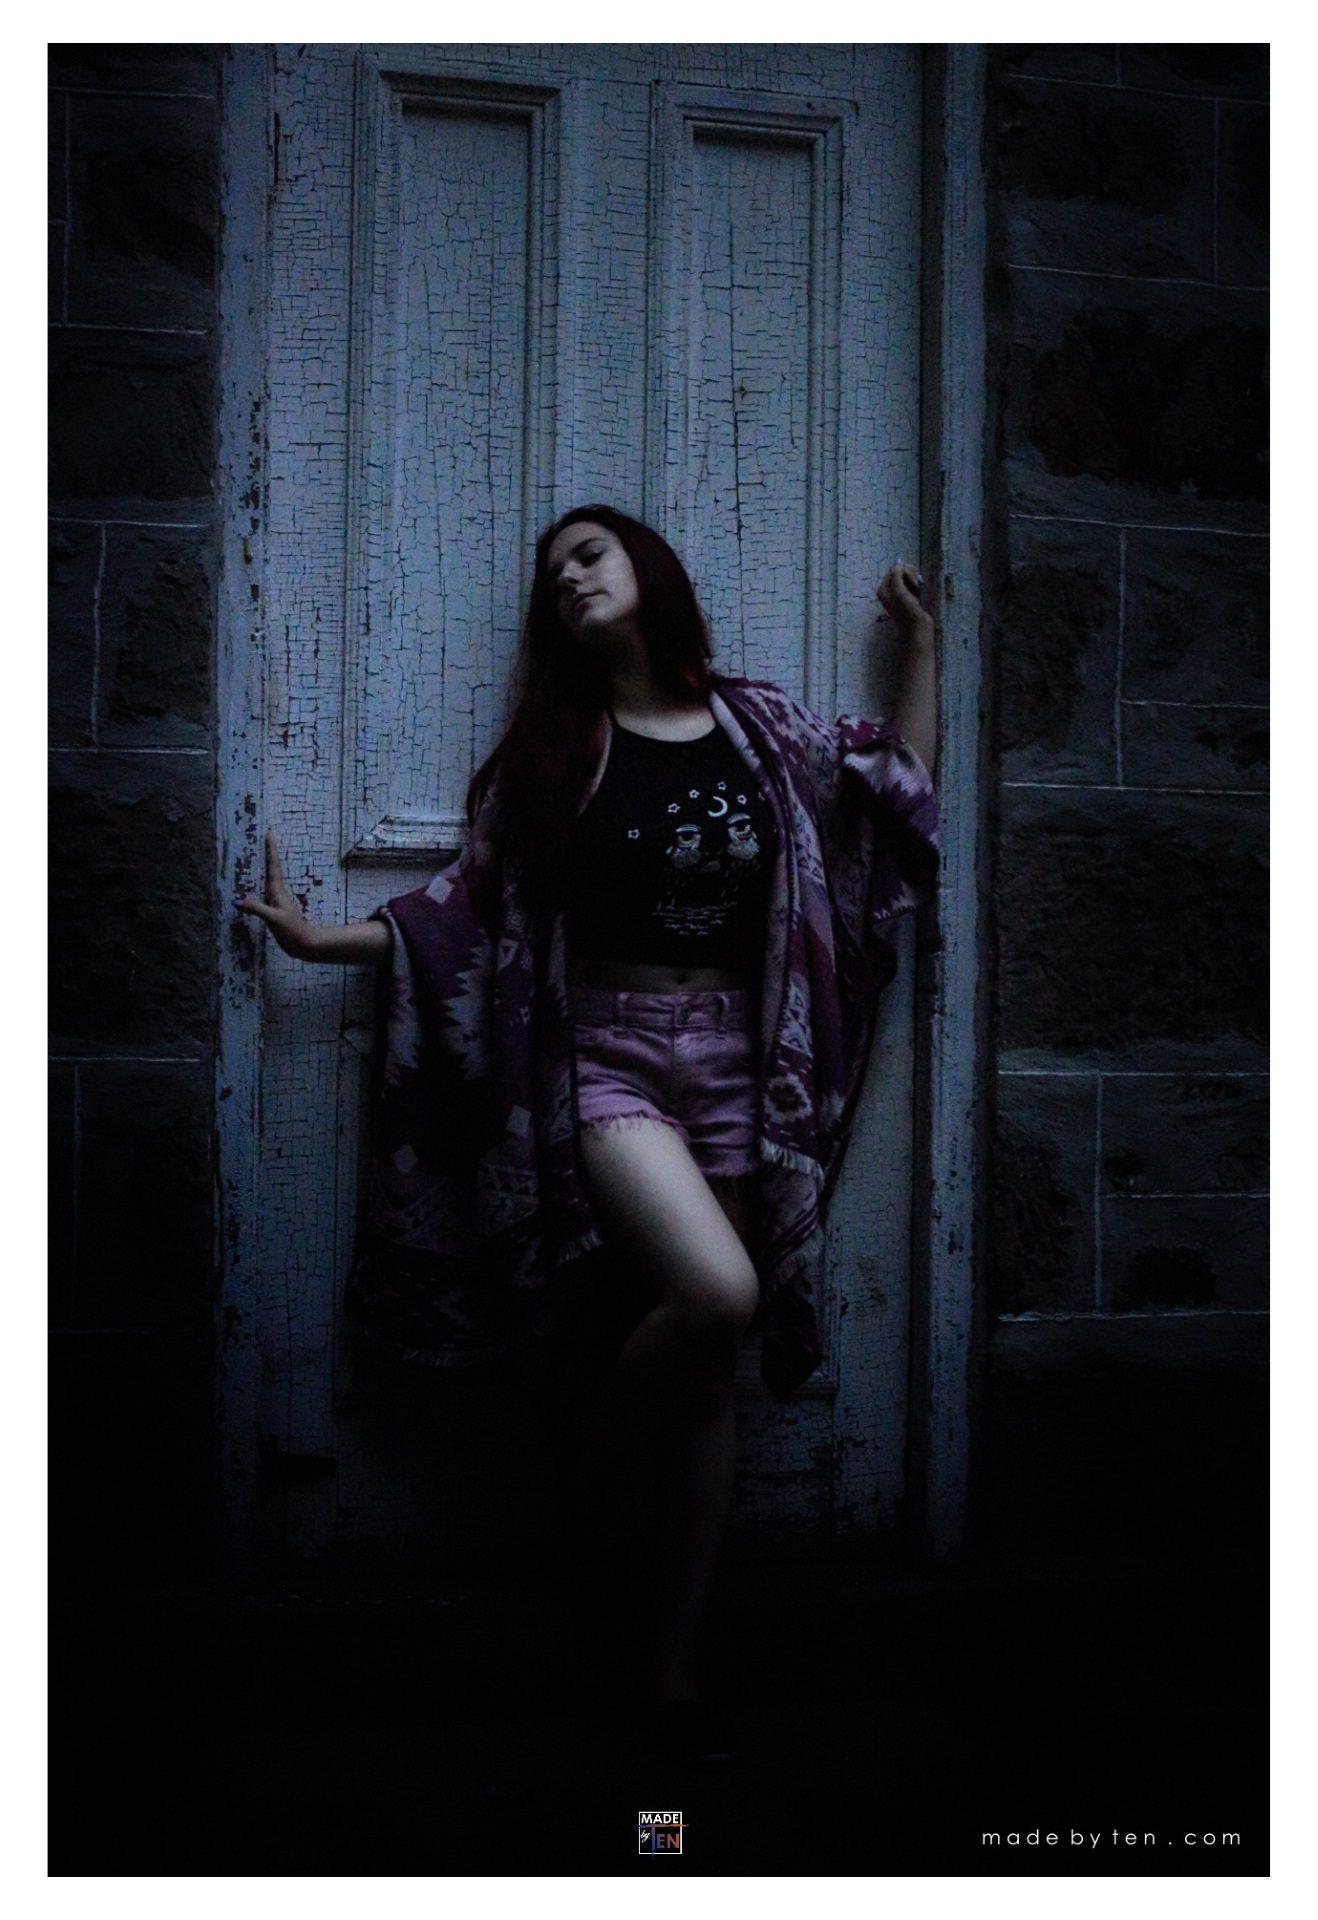 Woman Moonlight Door - GTA Women Fine Art Photography